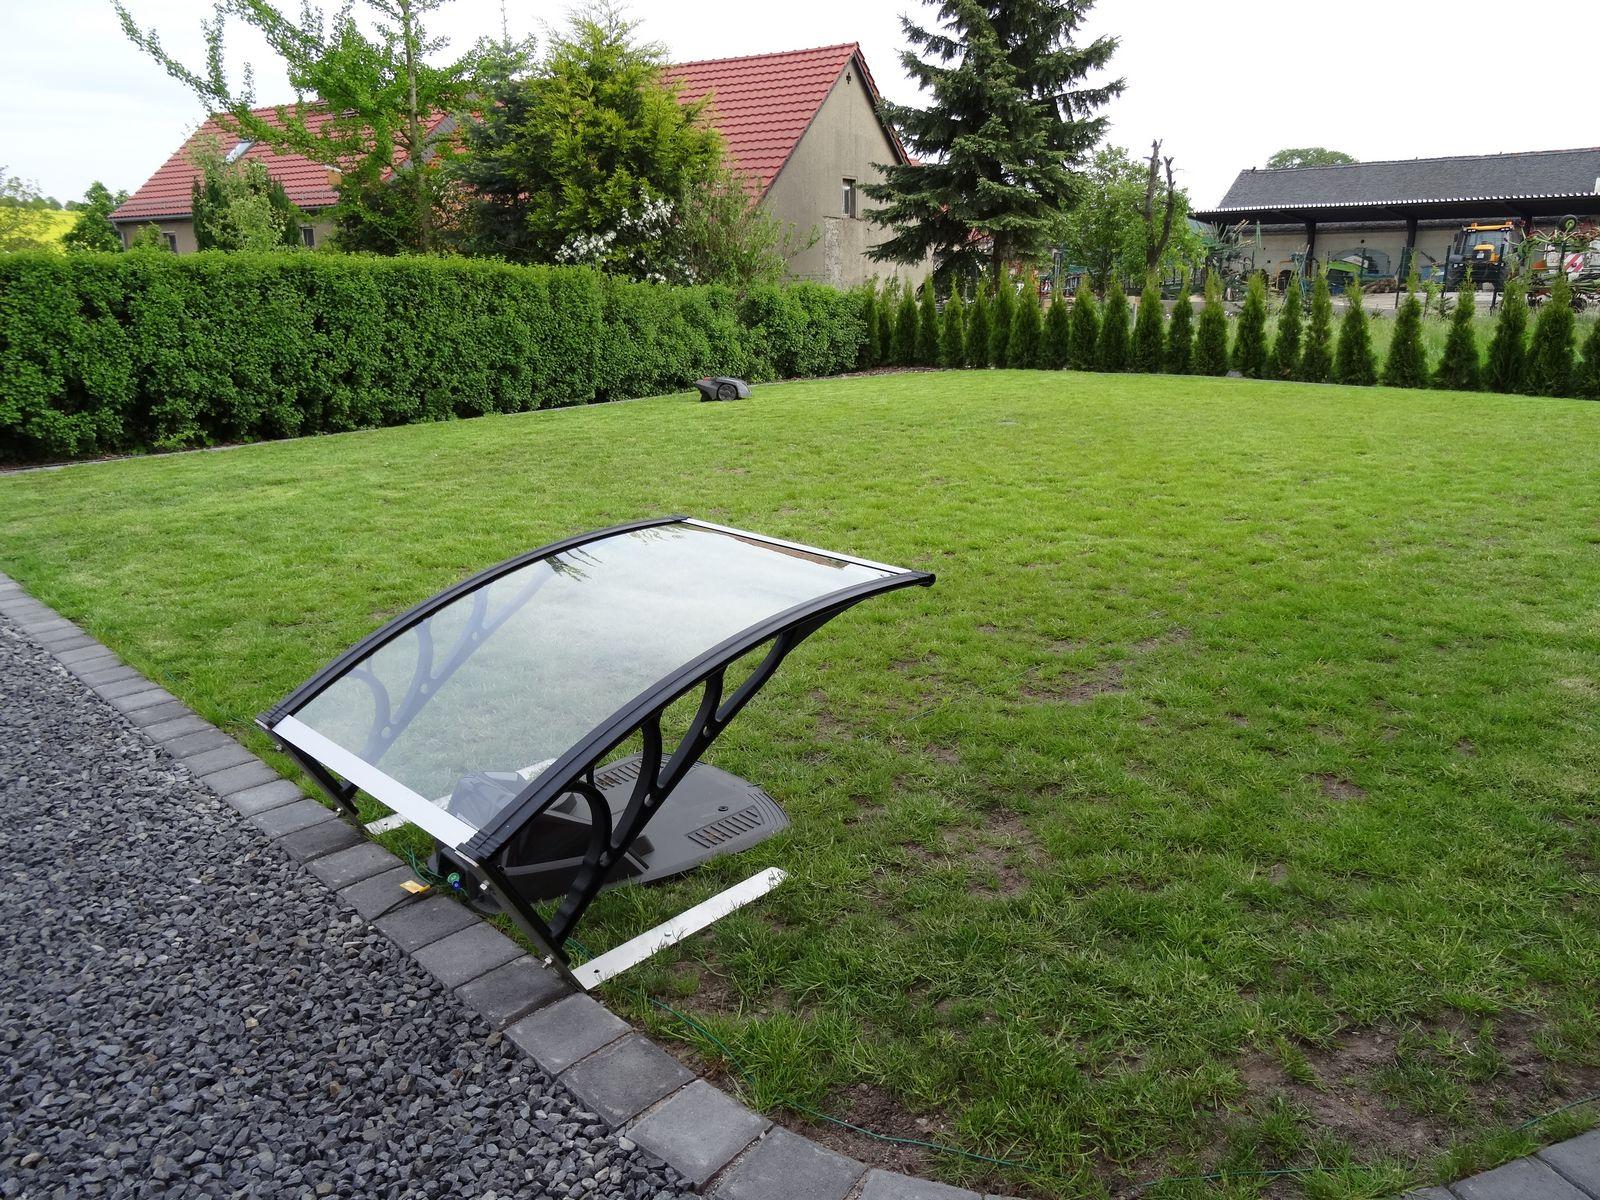 Unglaublich Alternative Zu Rasen Dekoration Von Automower-garage Dach Befestigen 1